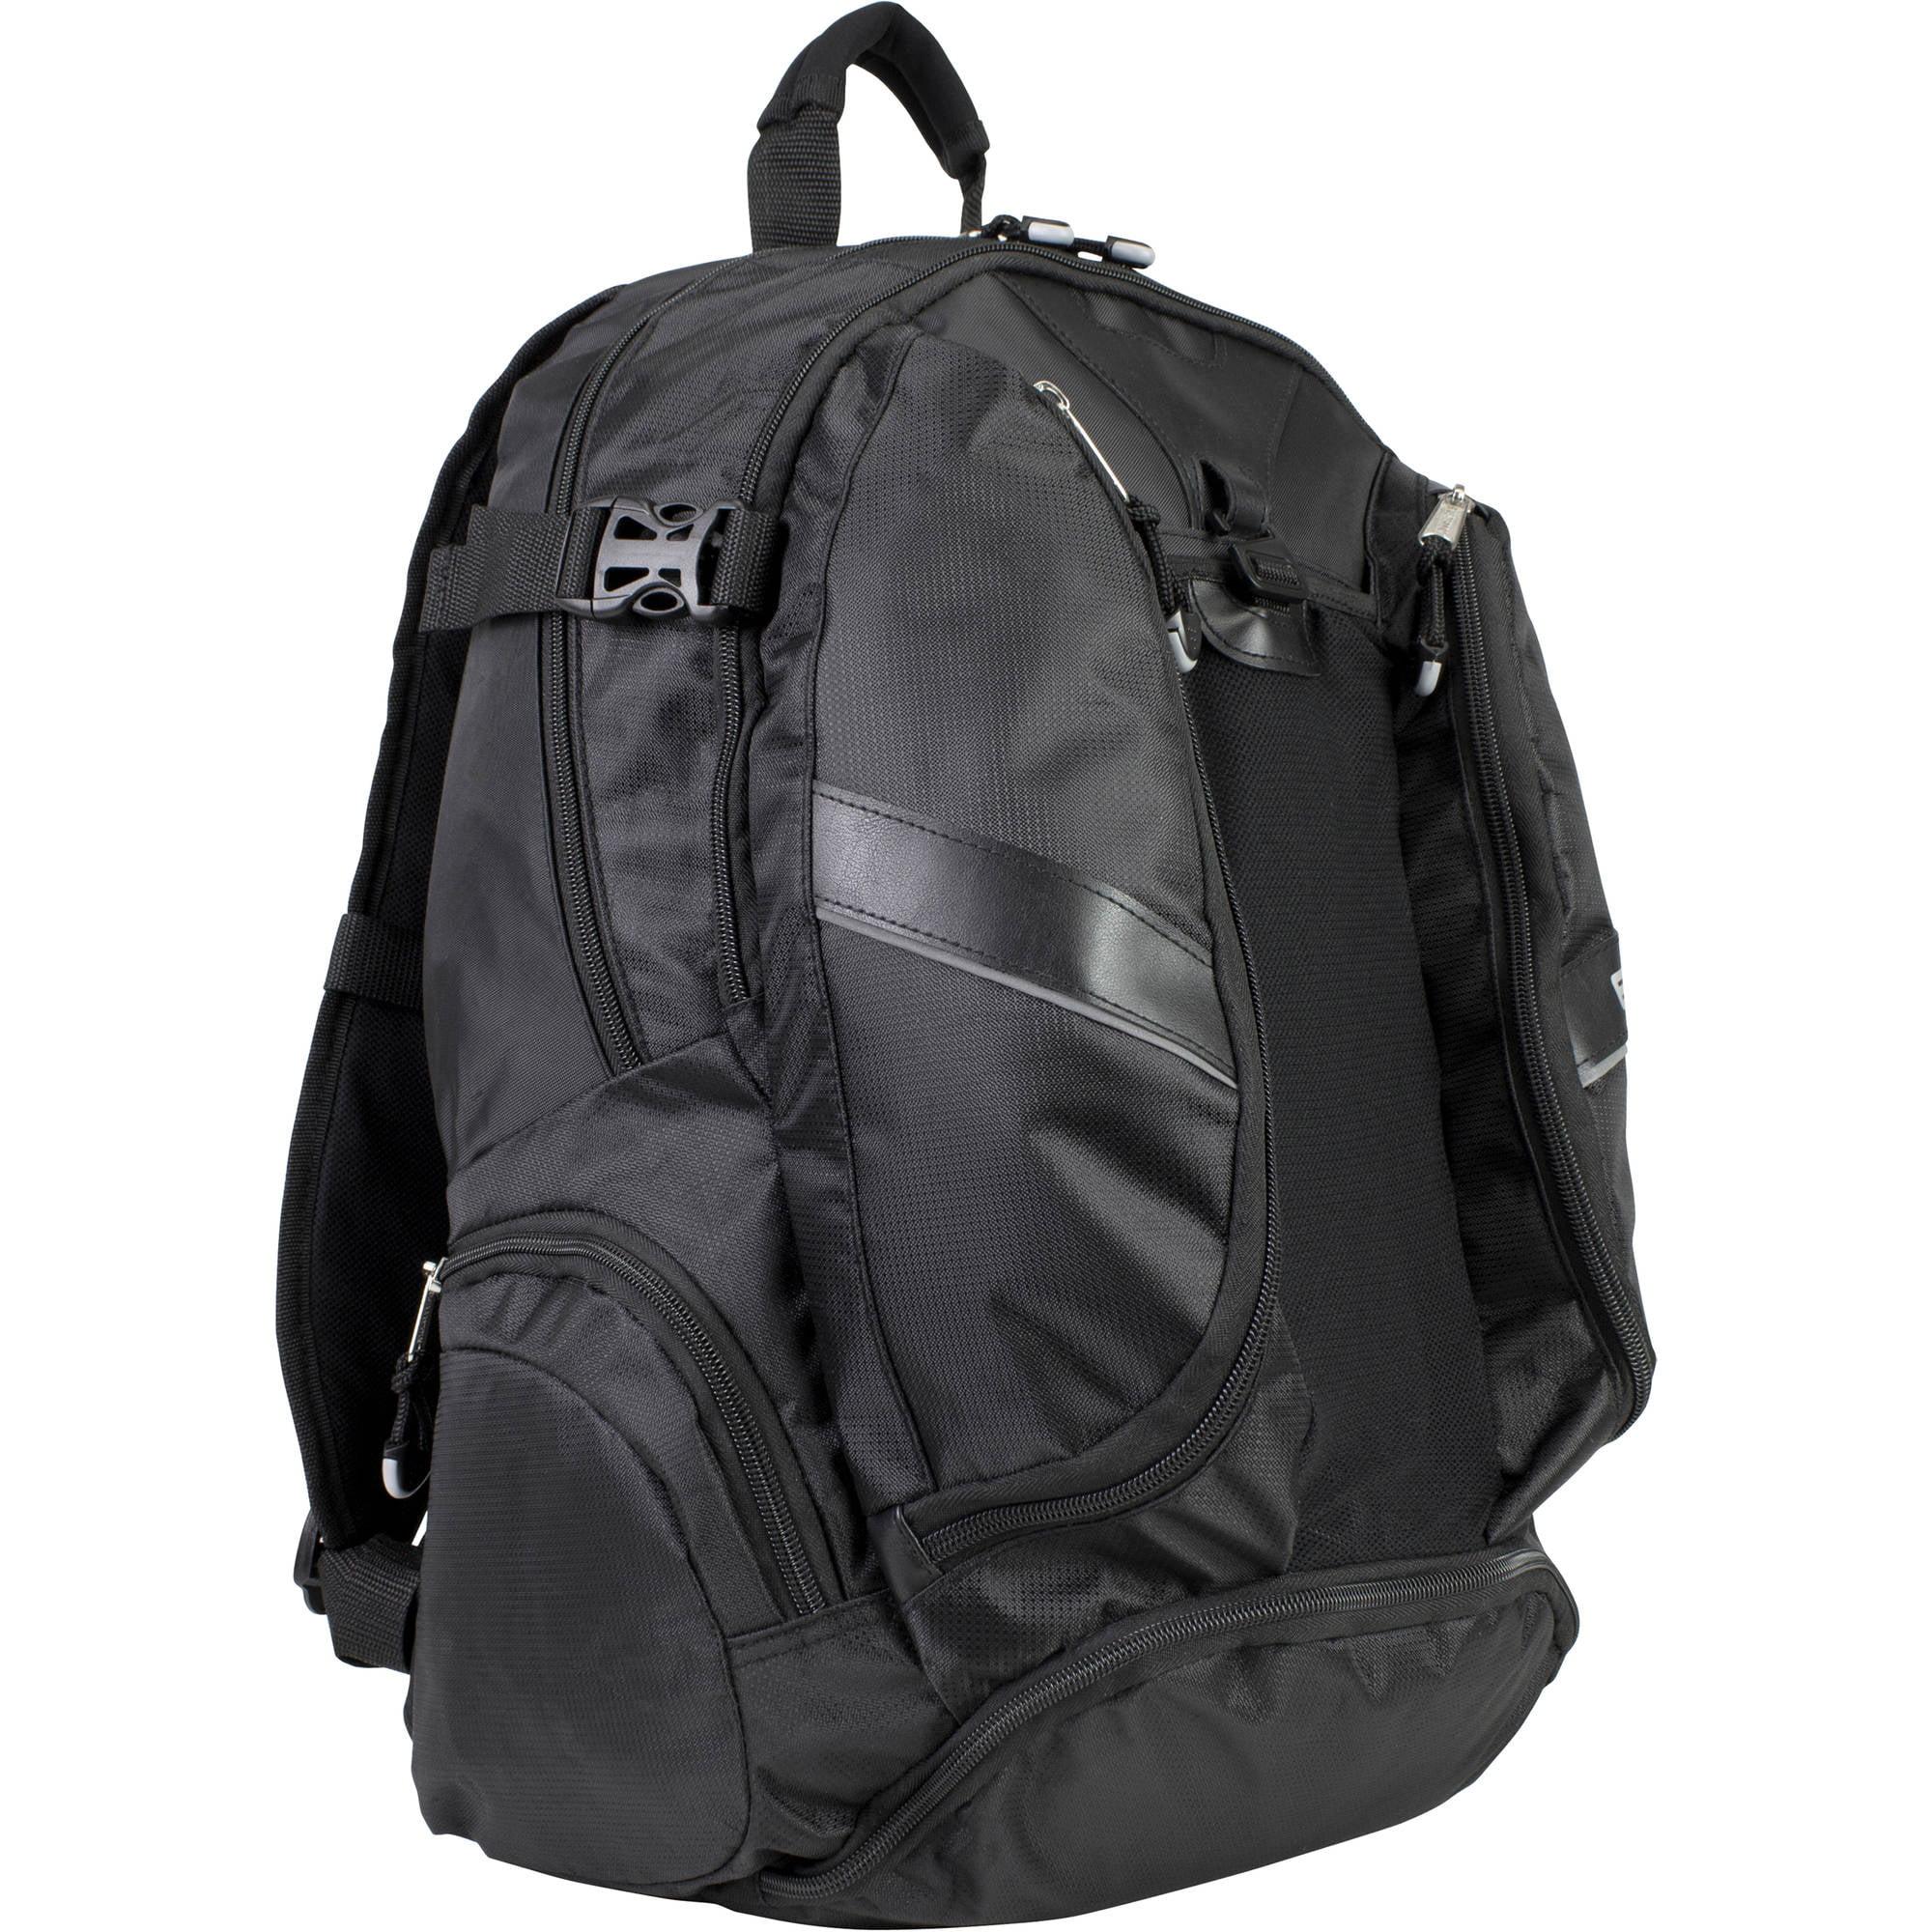 Marvel Comics Deadpool Licensed Tactical Bag Backpack School Book Bag Gym Travel